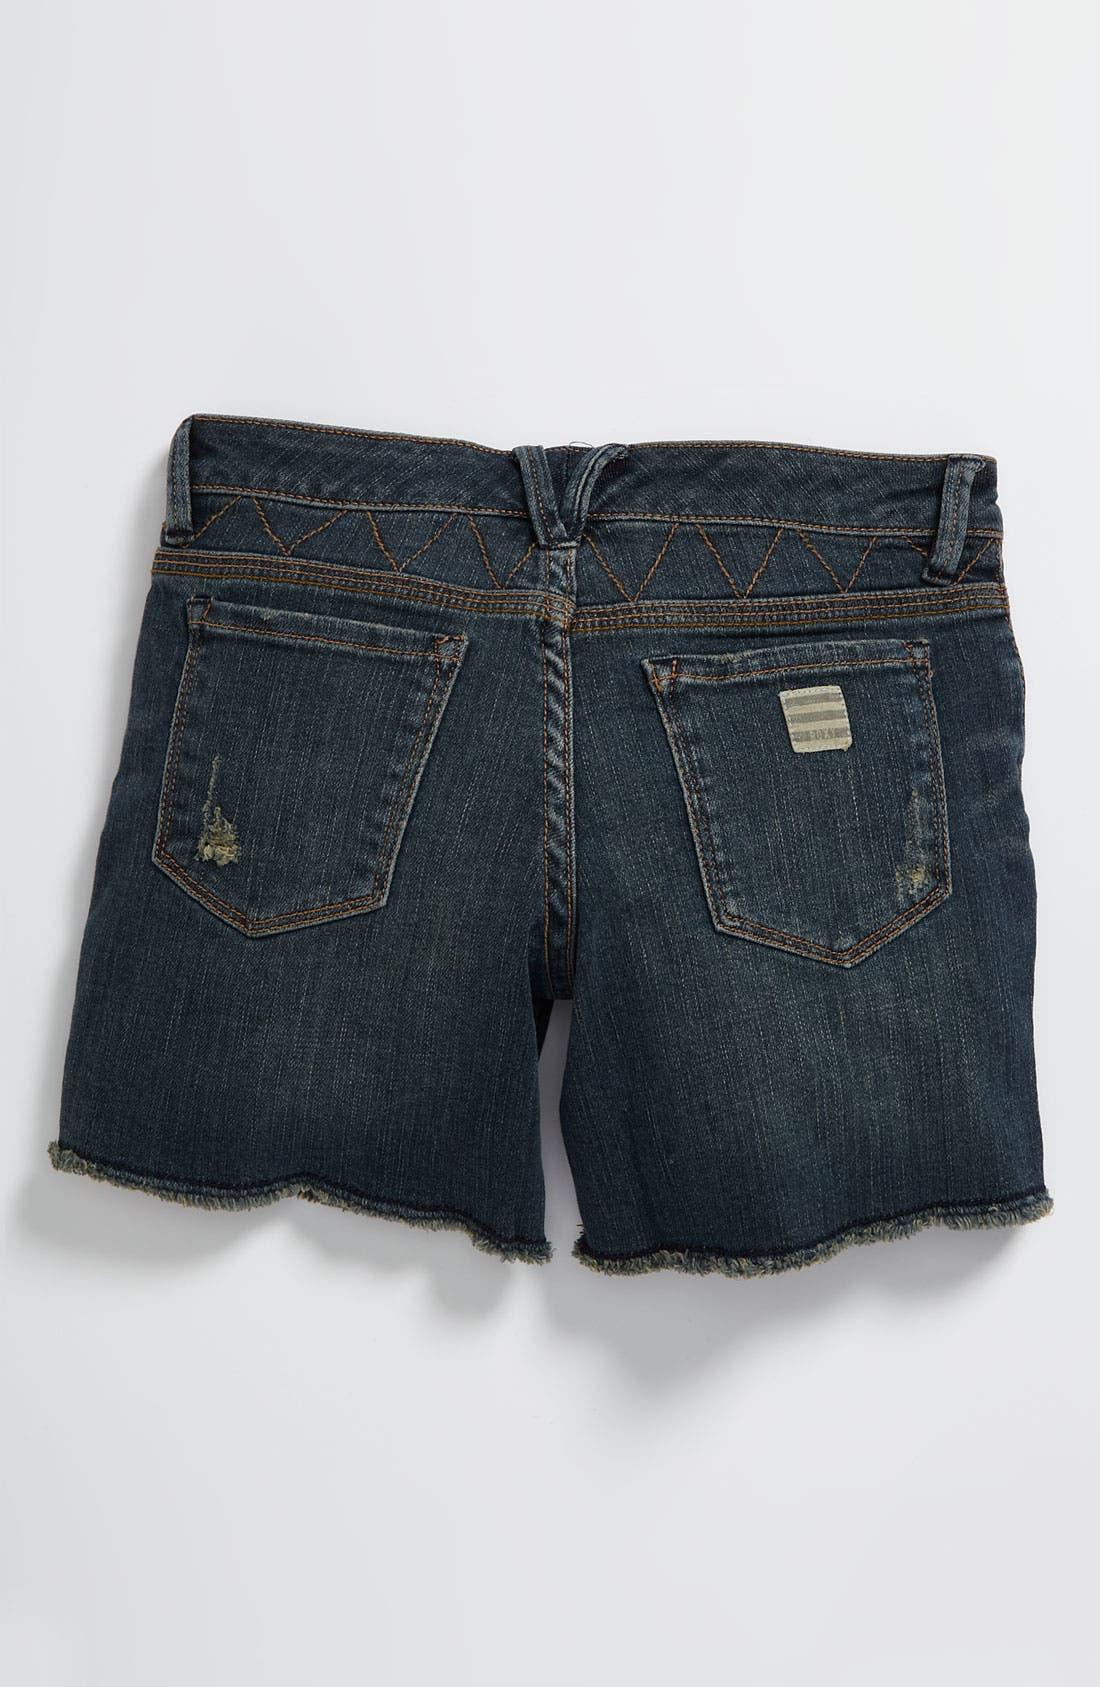 Main Image - Roxy Denim Shorts (Big Girls)